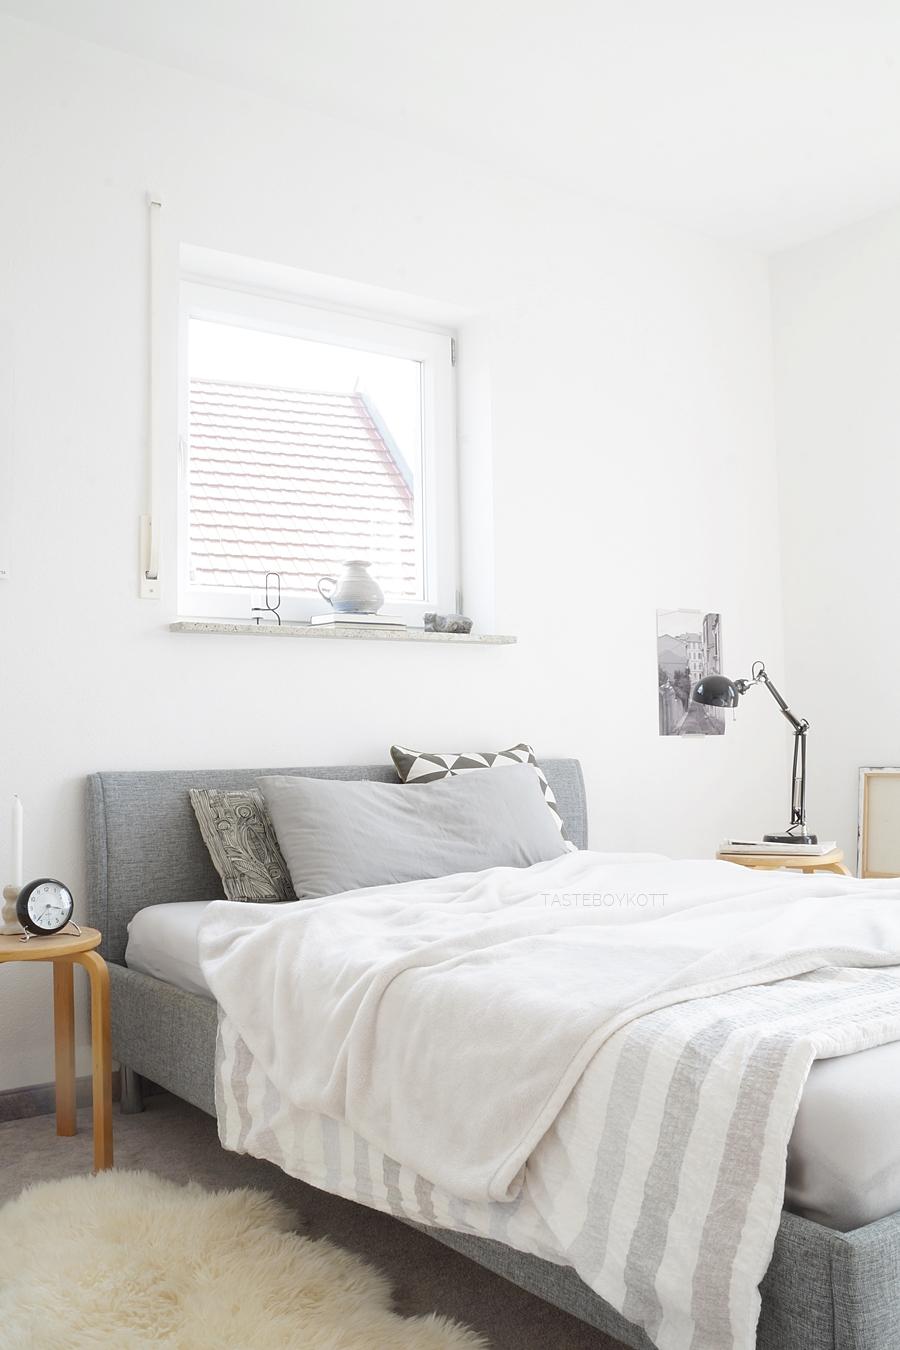 Schlafzimmer/ Jugendzimmer skandinavisch modern minimalistisch einrichten mit dem Farbkonzept grau, weiss, Holz. Hocker als Nachttisch, Textilien, Bett dekorieren. Monochrome schlichte Herbstdeko Inspiration. Wohnblog Tasteboykott Wohninspiration Dekoideen Interior Design Blog.